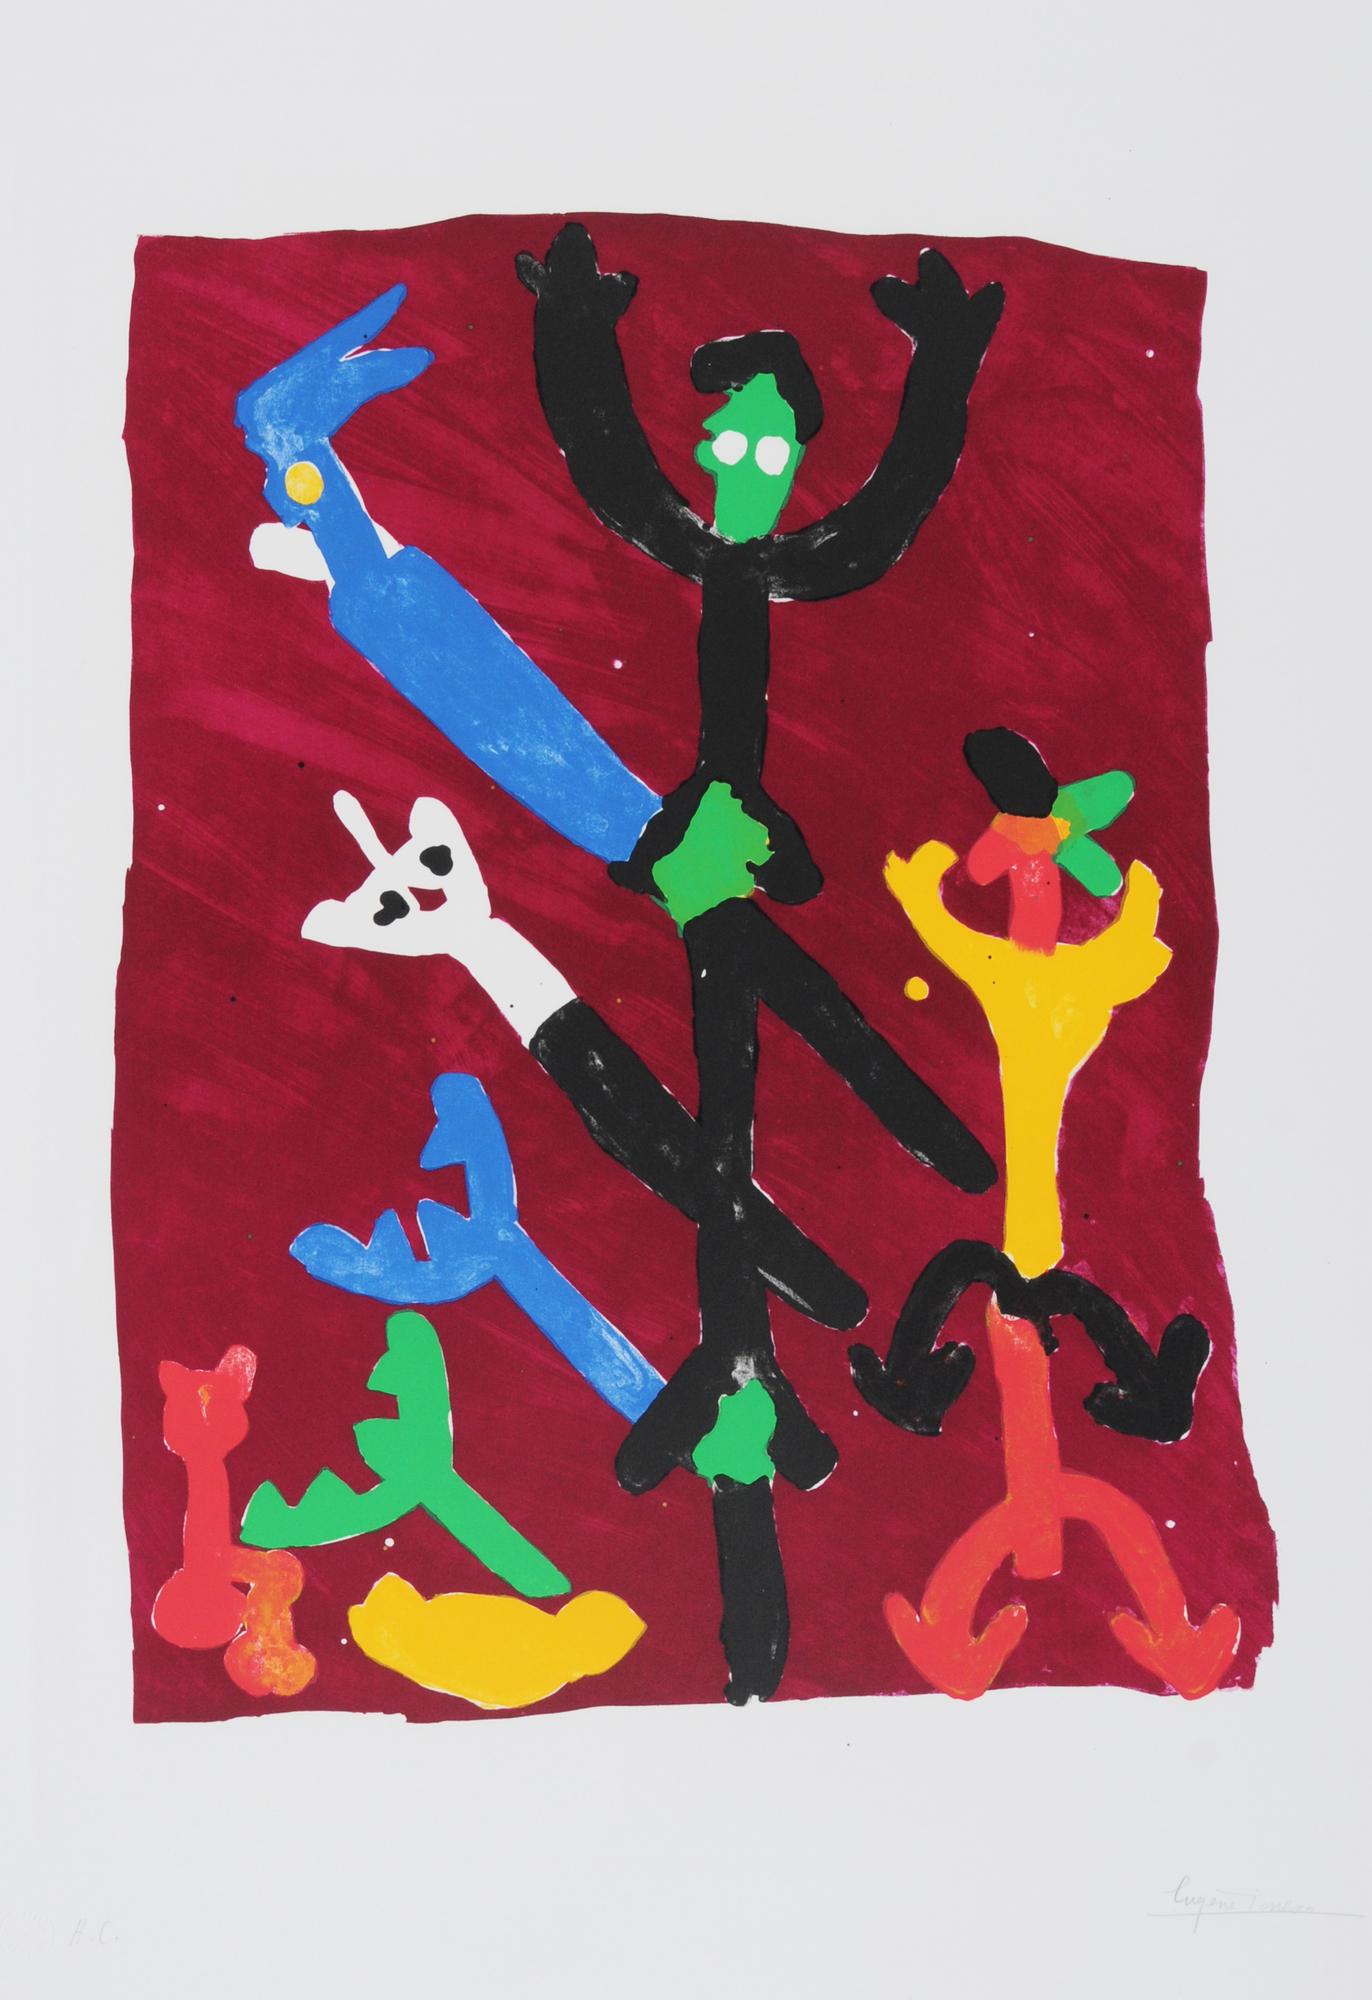 Ionesco Eugène, 5 Blätter: Ohne Titel (2); Yeux nombreux, tête unique; Les petits hommes, 1983; Les hauts danseurs